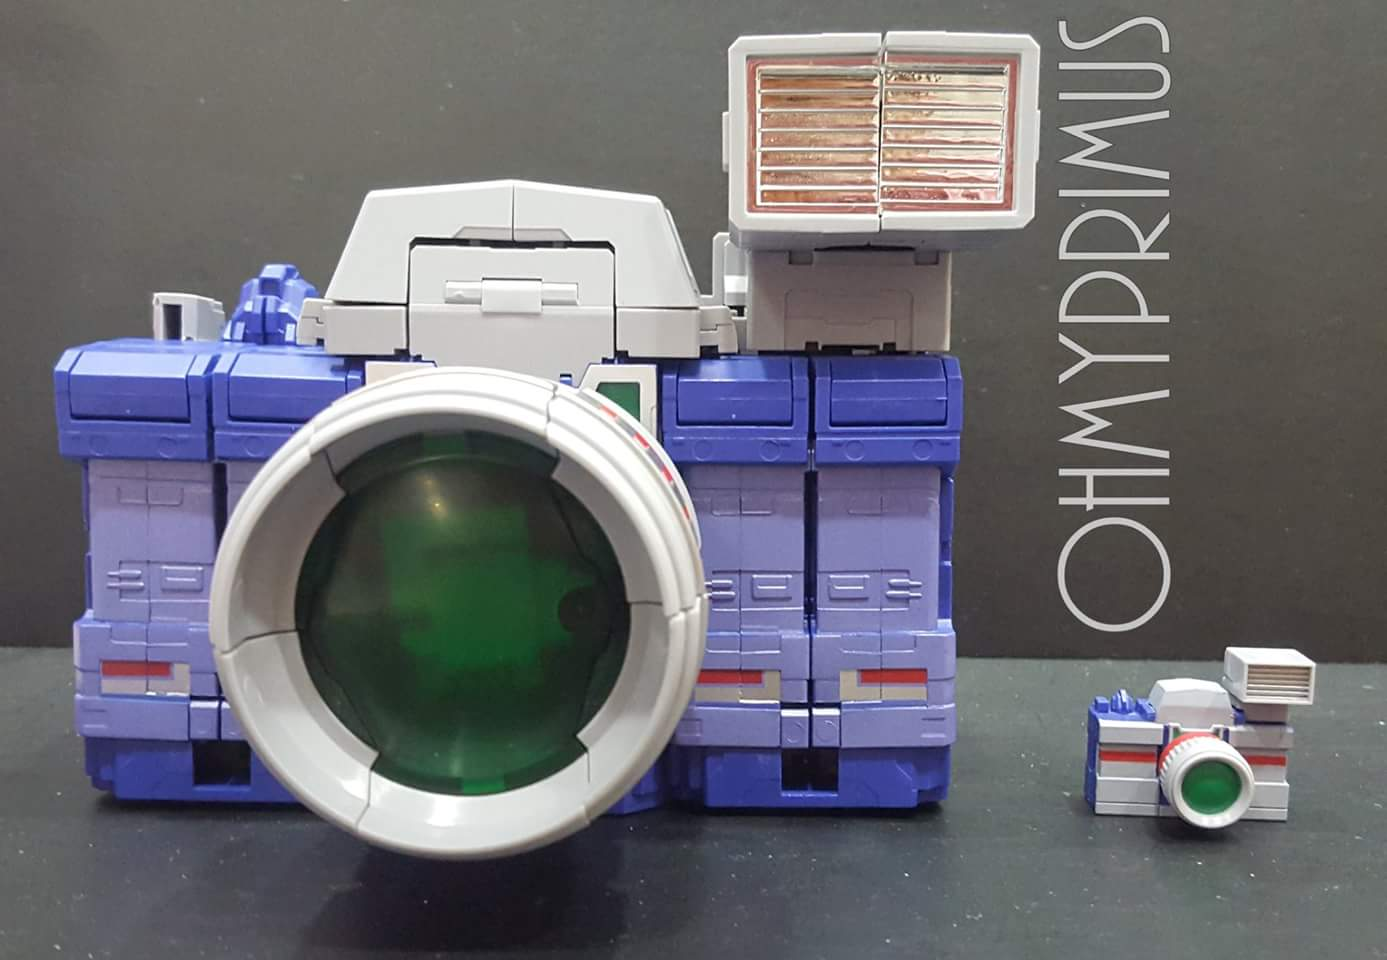 [Fanstoys] Produit Tiers - Jouet FT-11 Spotter - aka Reflector/Réflecteur - Page 2 IuxDNwK3